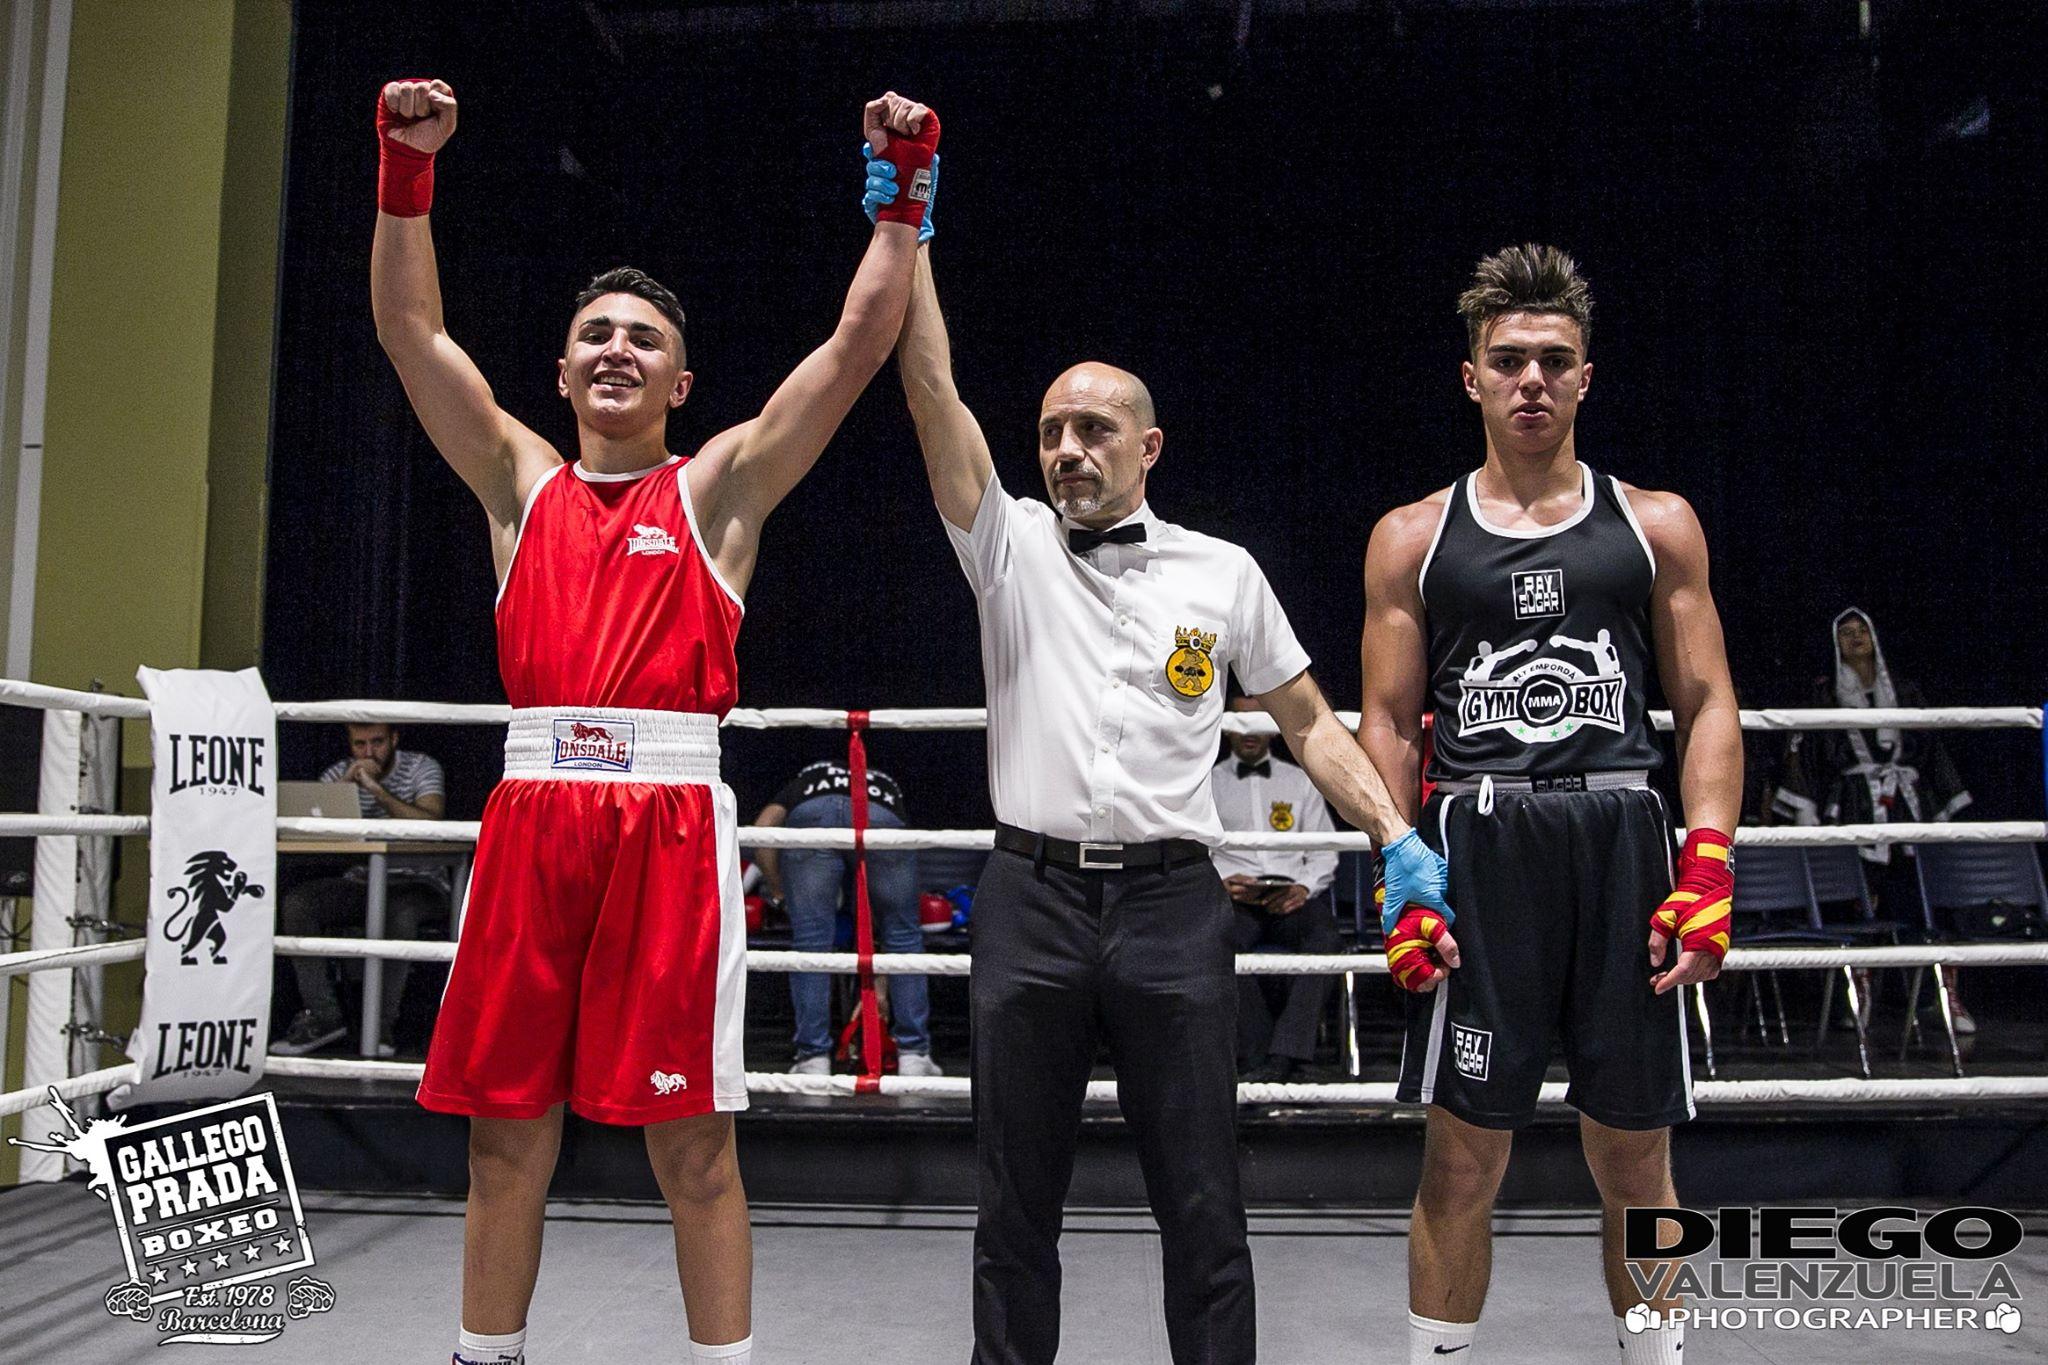 - Eric Pato (CB Blanes) venció a Midal Tischza (Gym Box Alt Empordà)